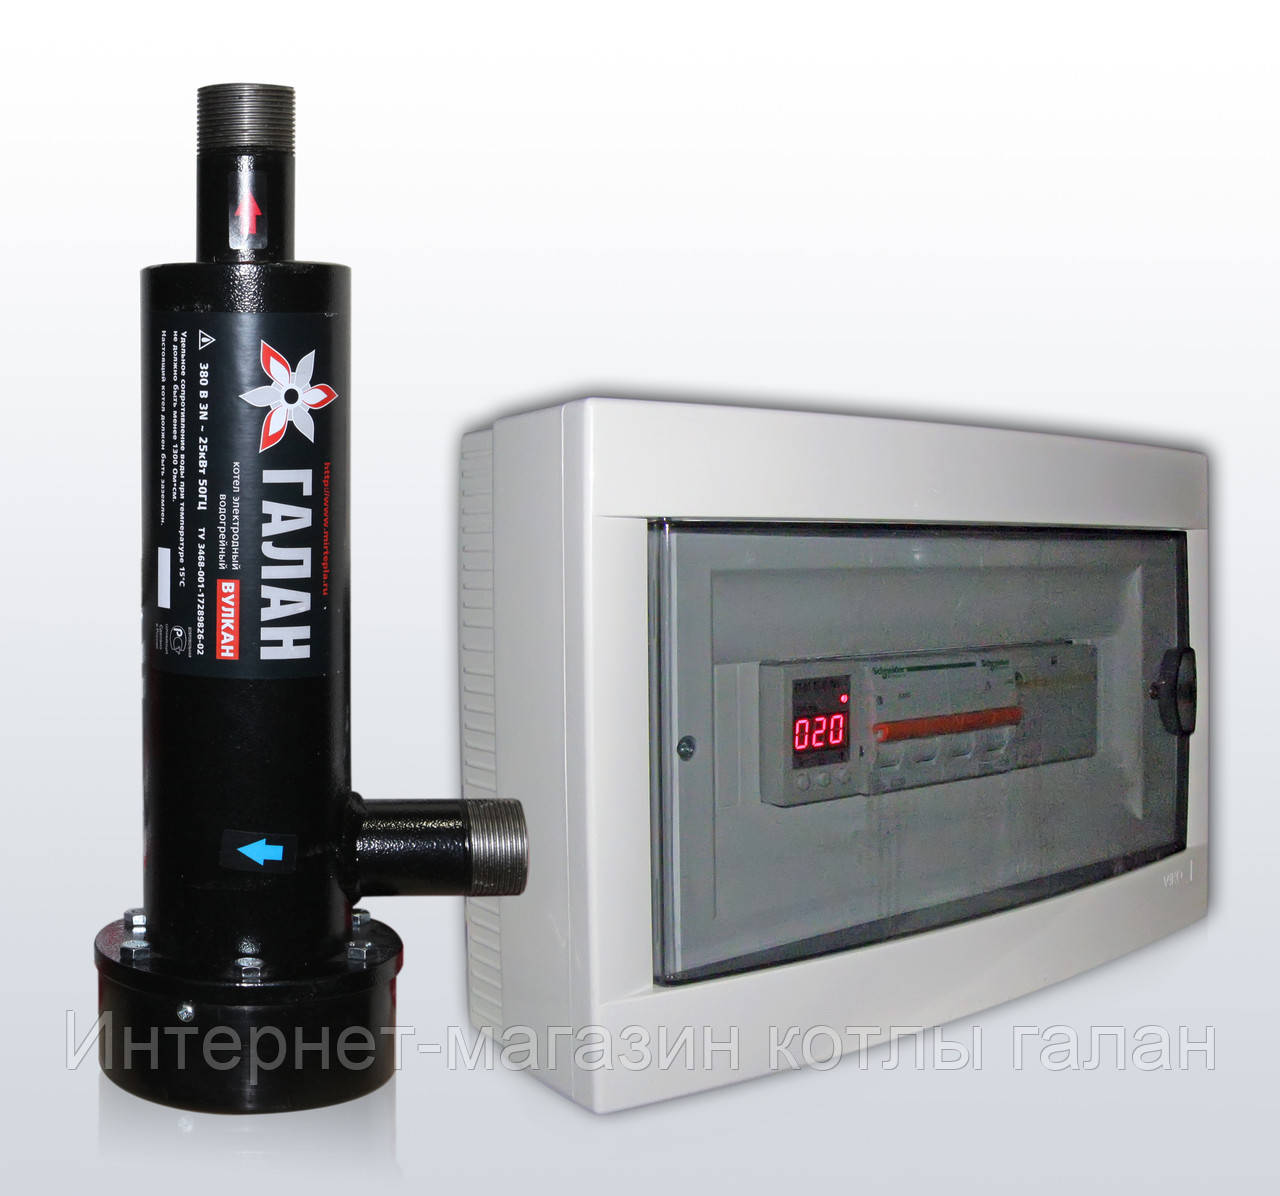 Теплообменники для котлов галан Пластины теплообменника Alfa Laval AQ10-FD Зеленодольск